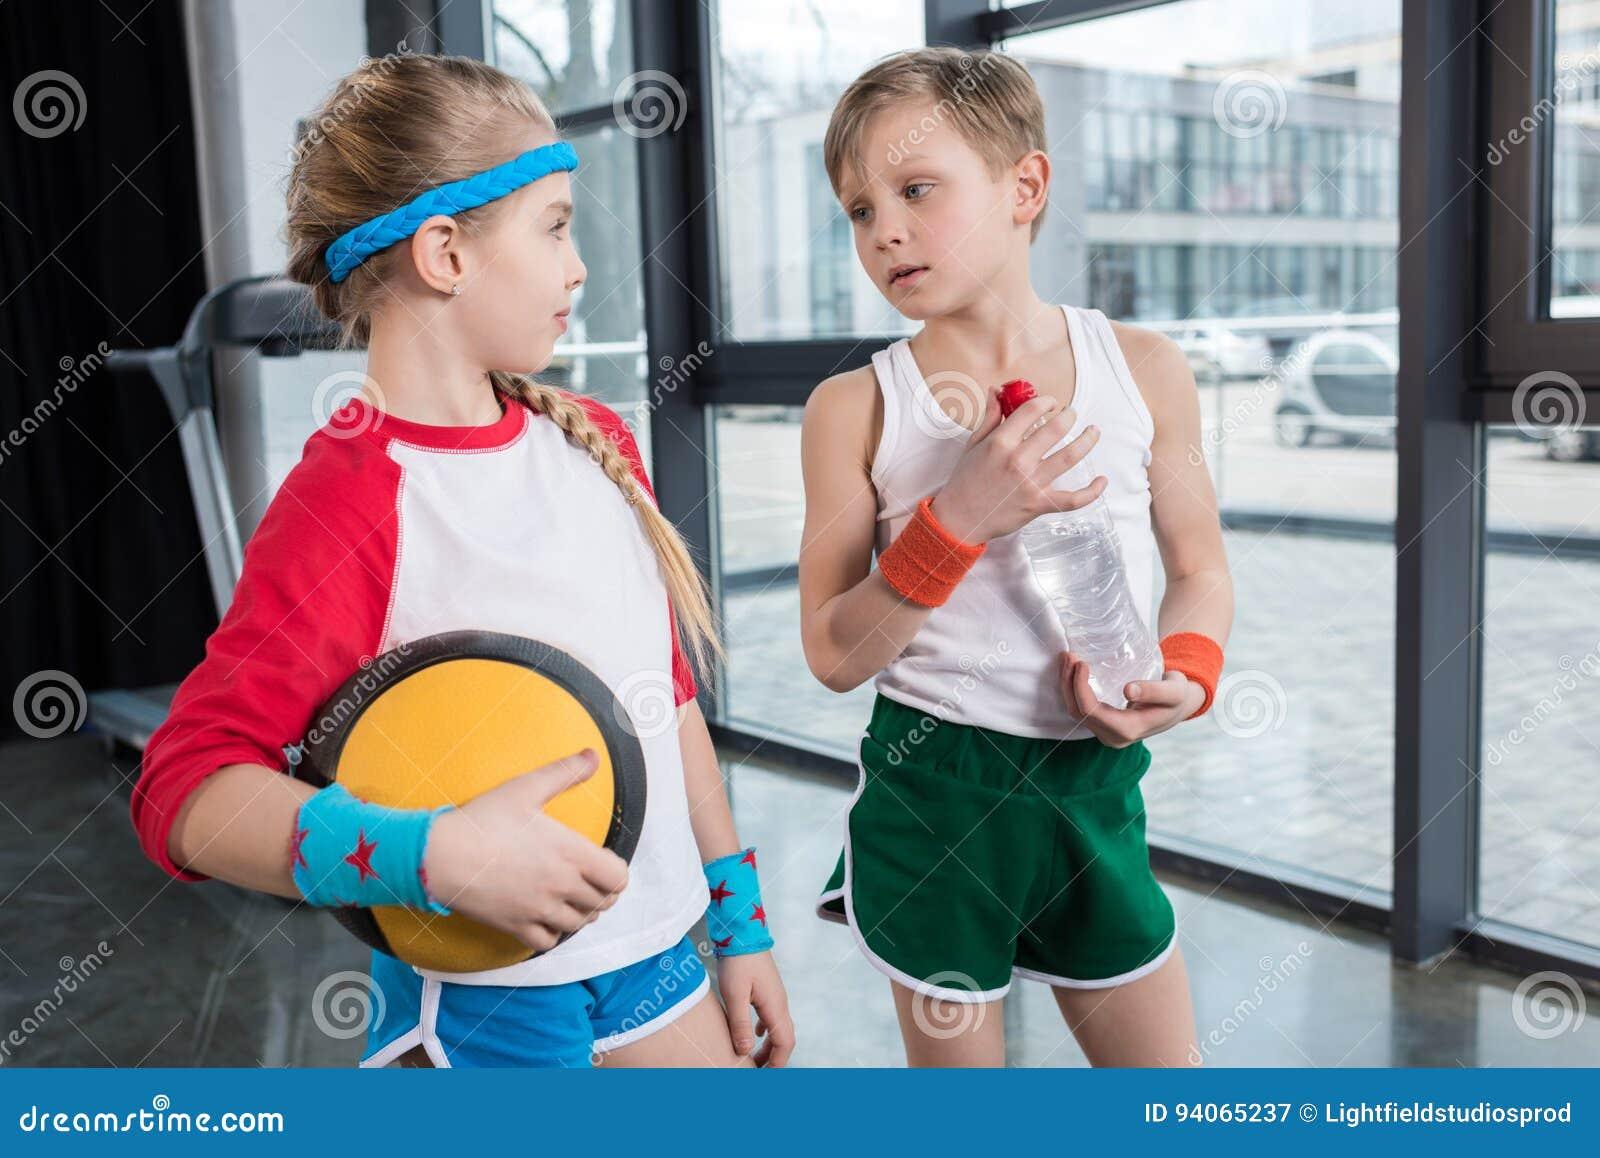 Pys och flicka i sportswear som talar på konditionstudion